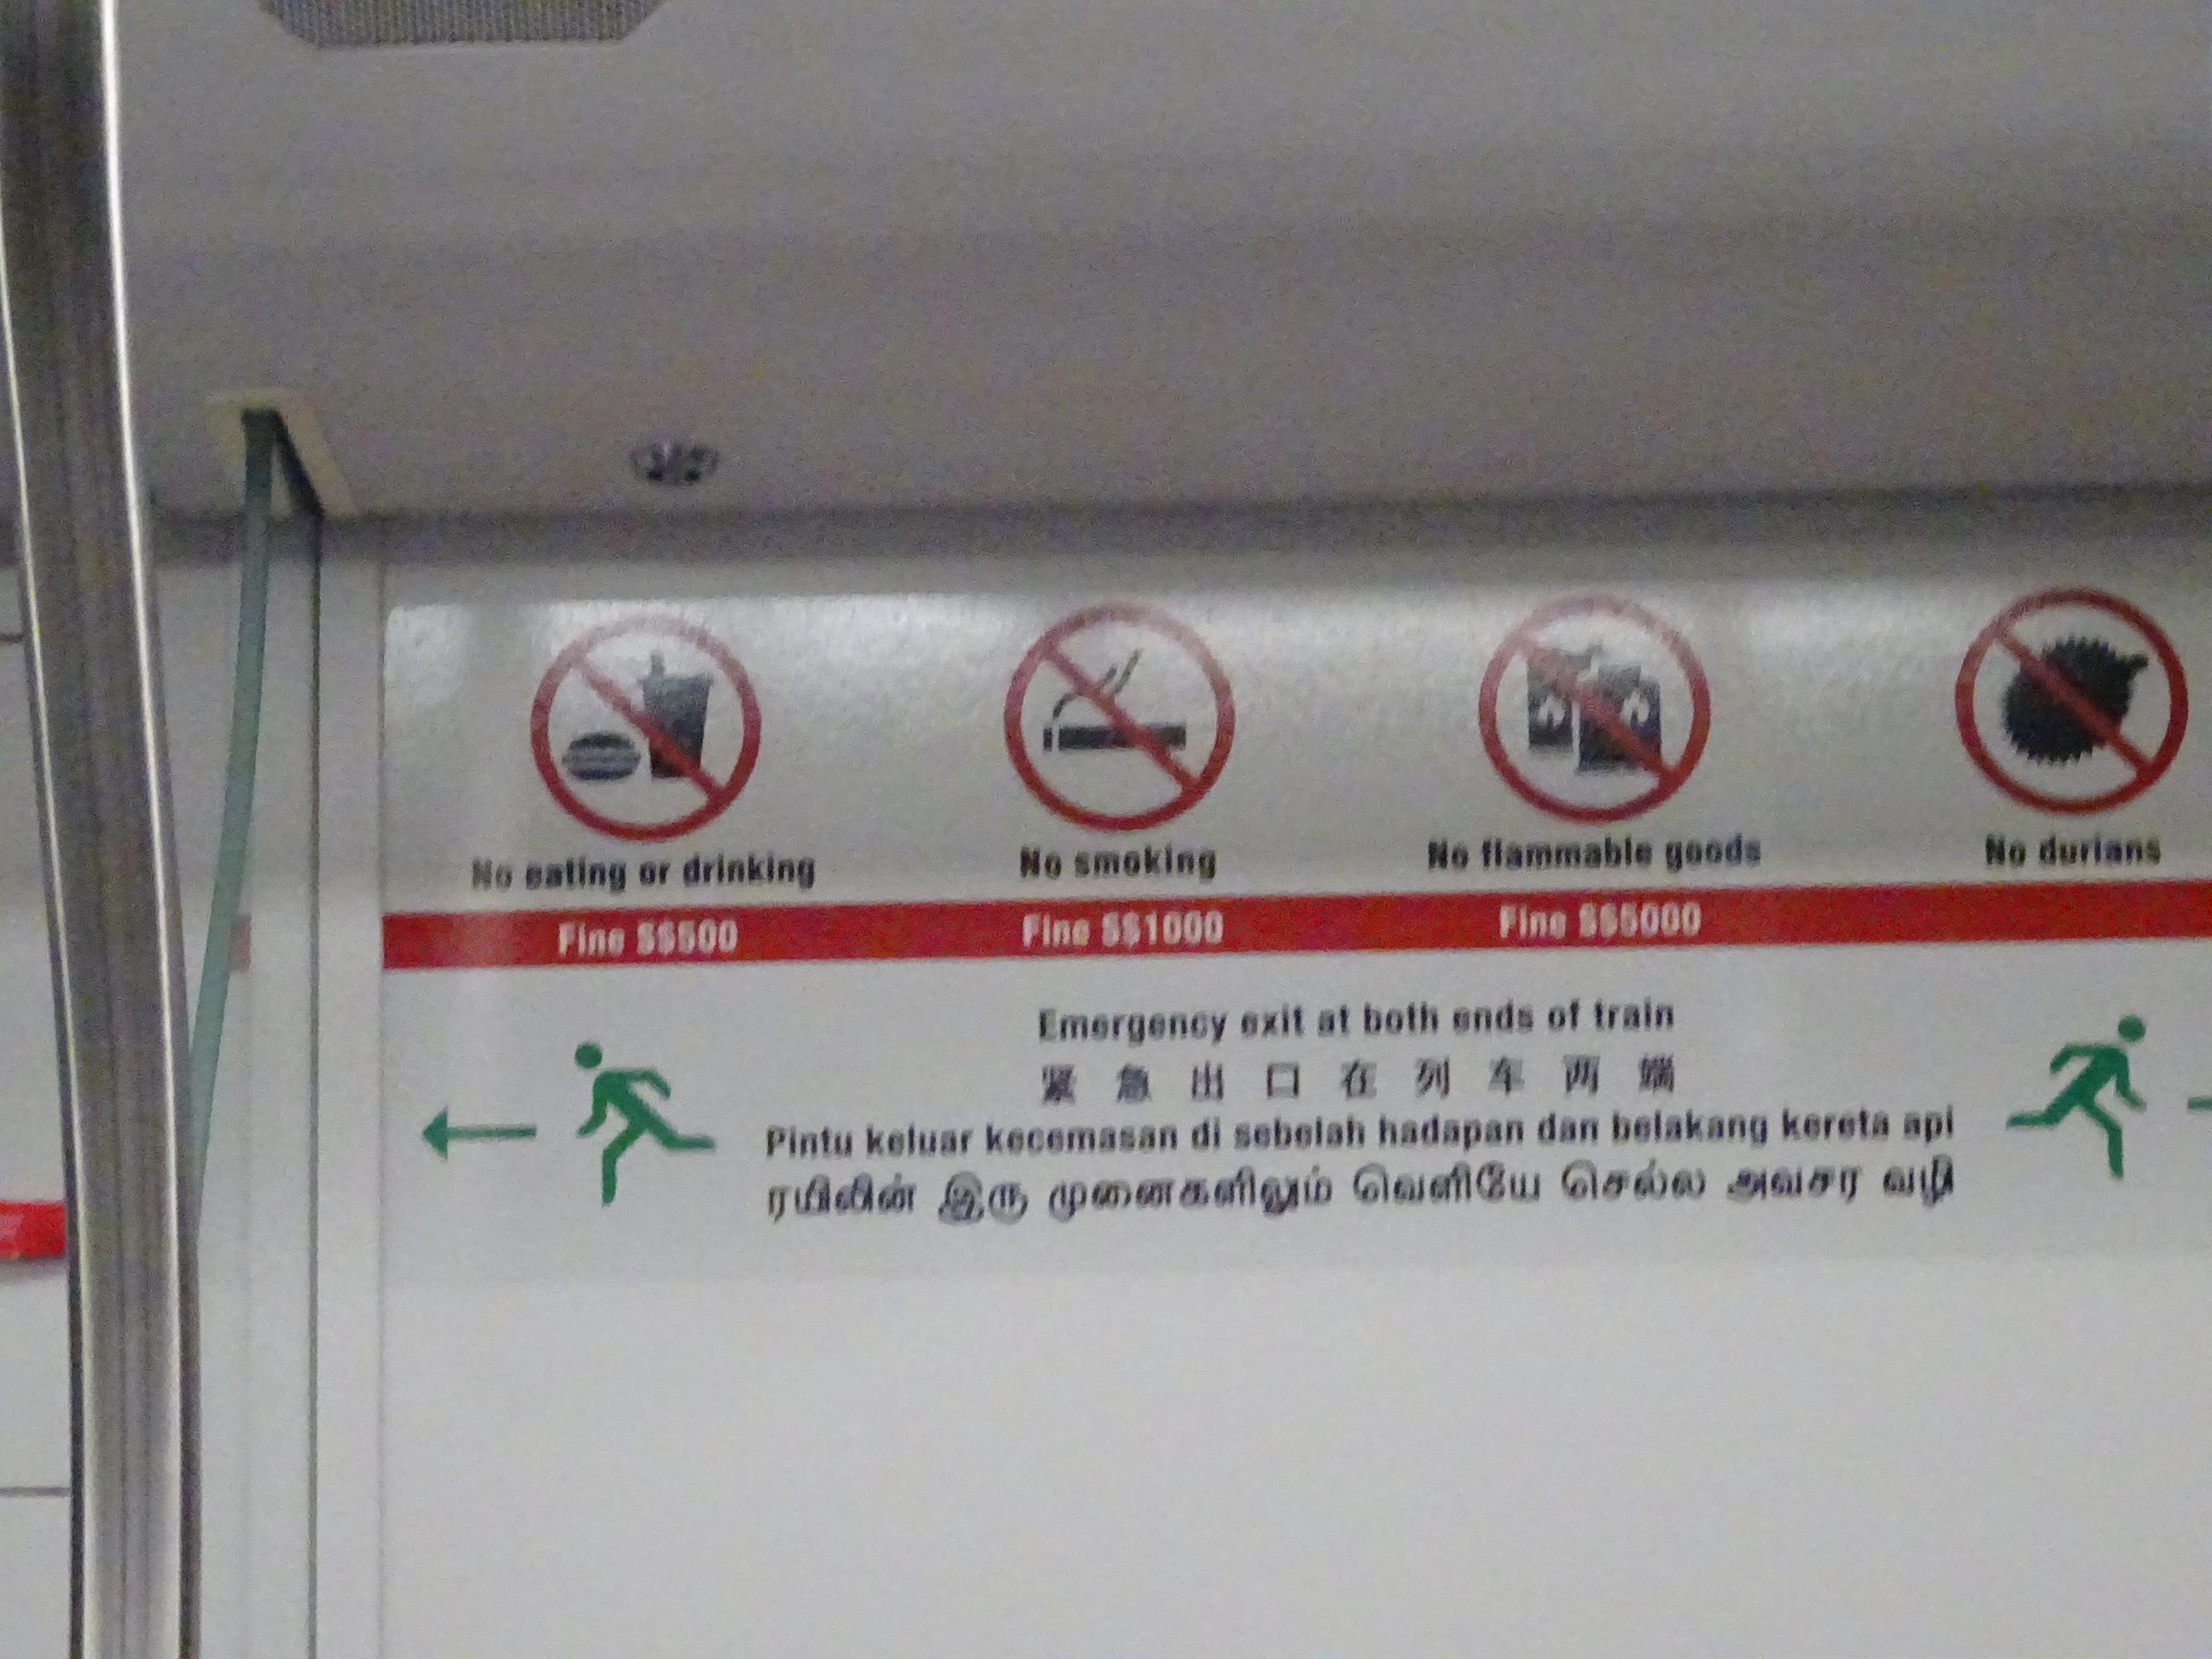 シンガポールの地下鉄の様々な罰金